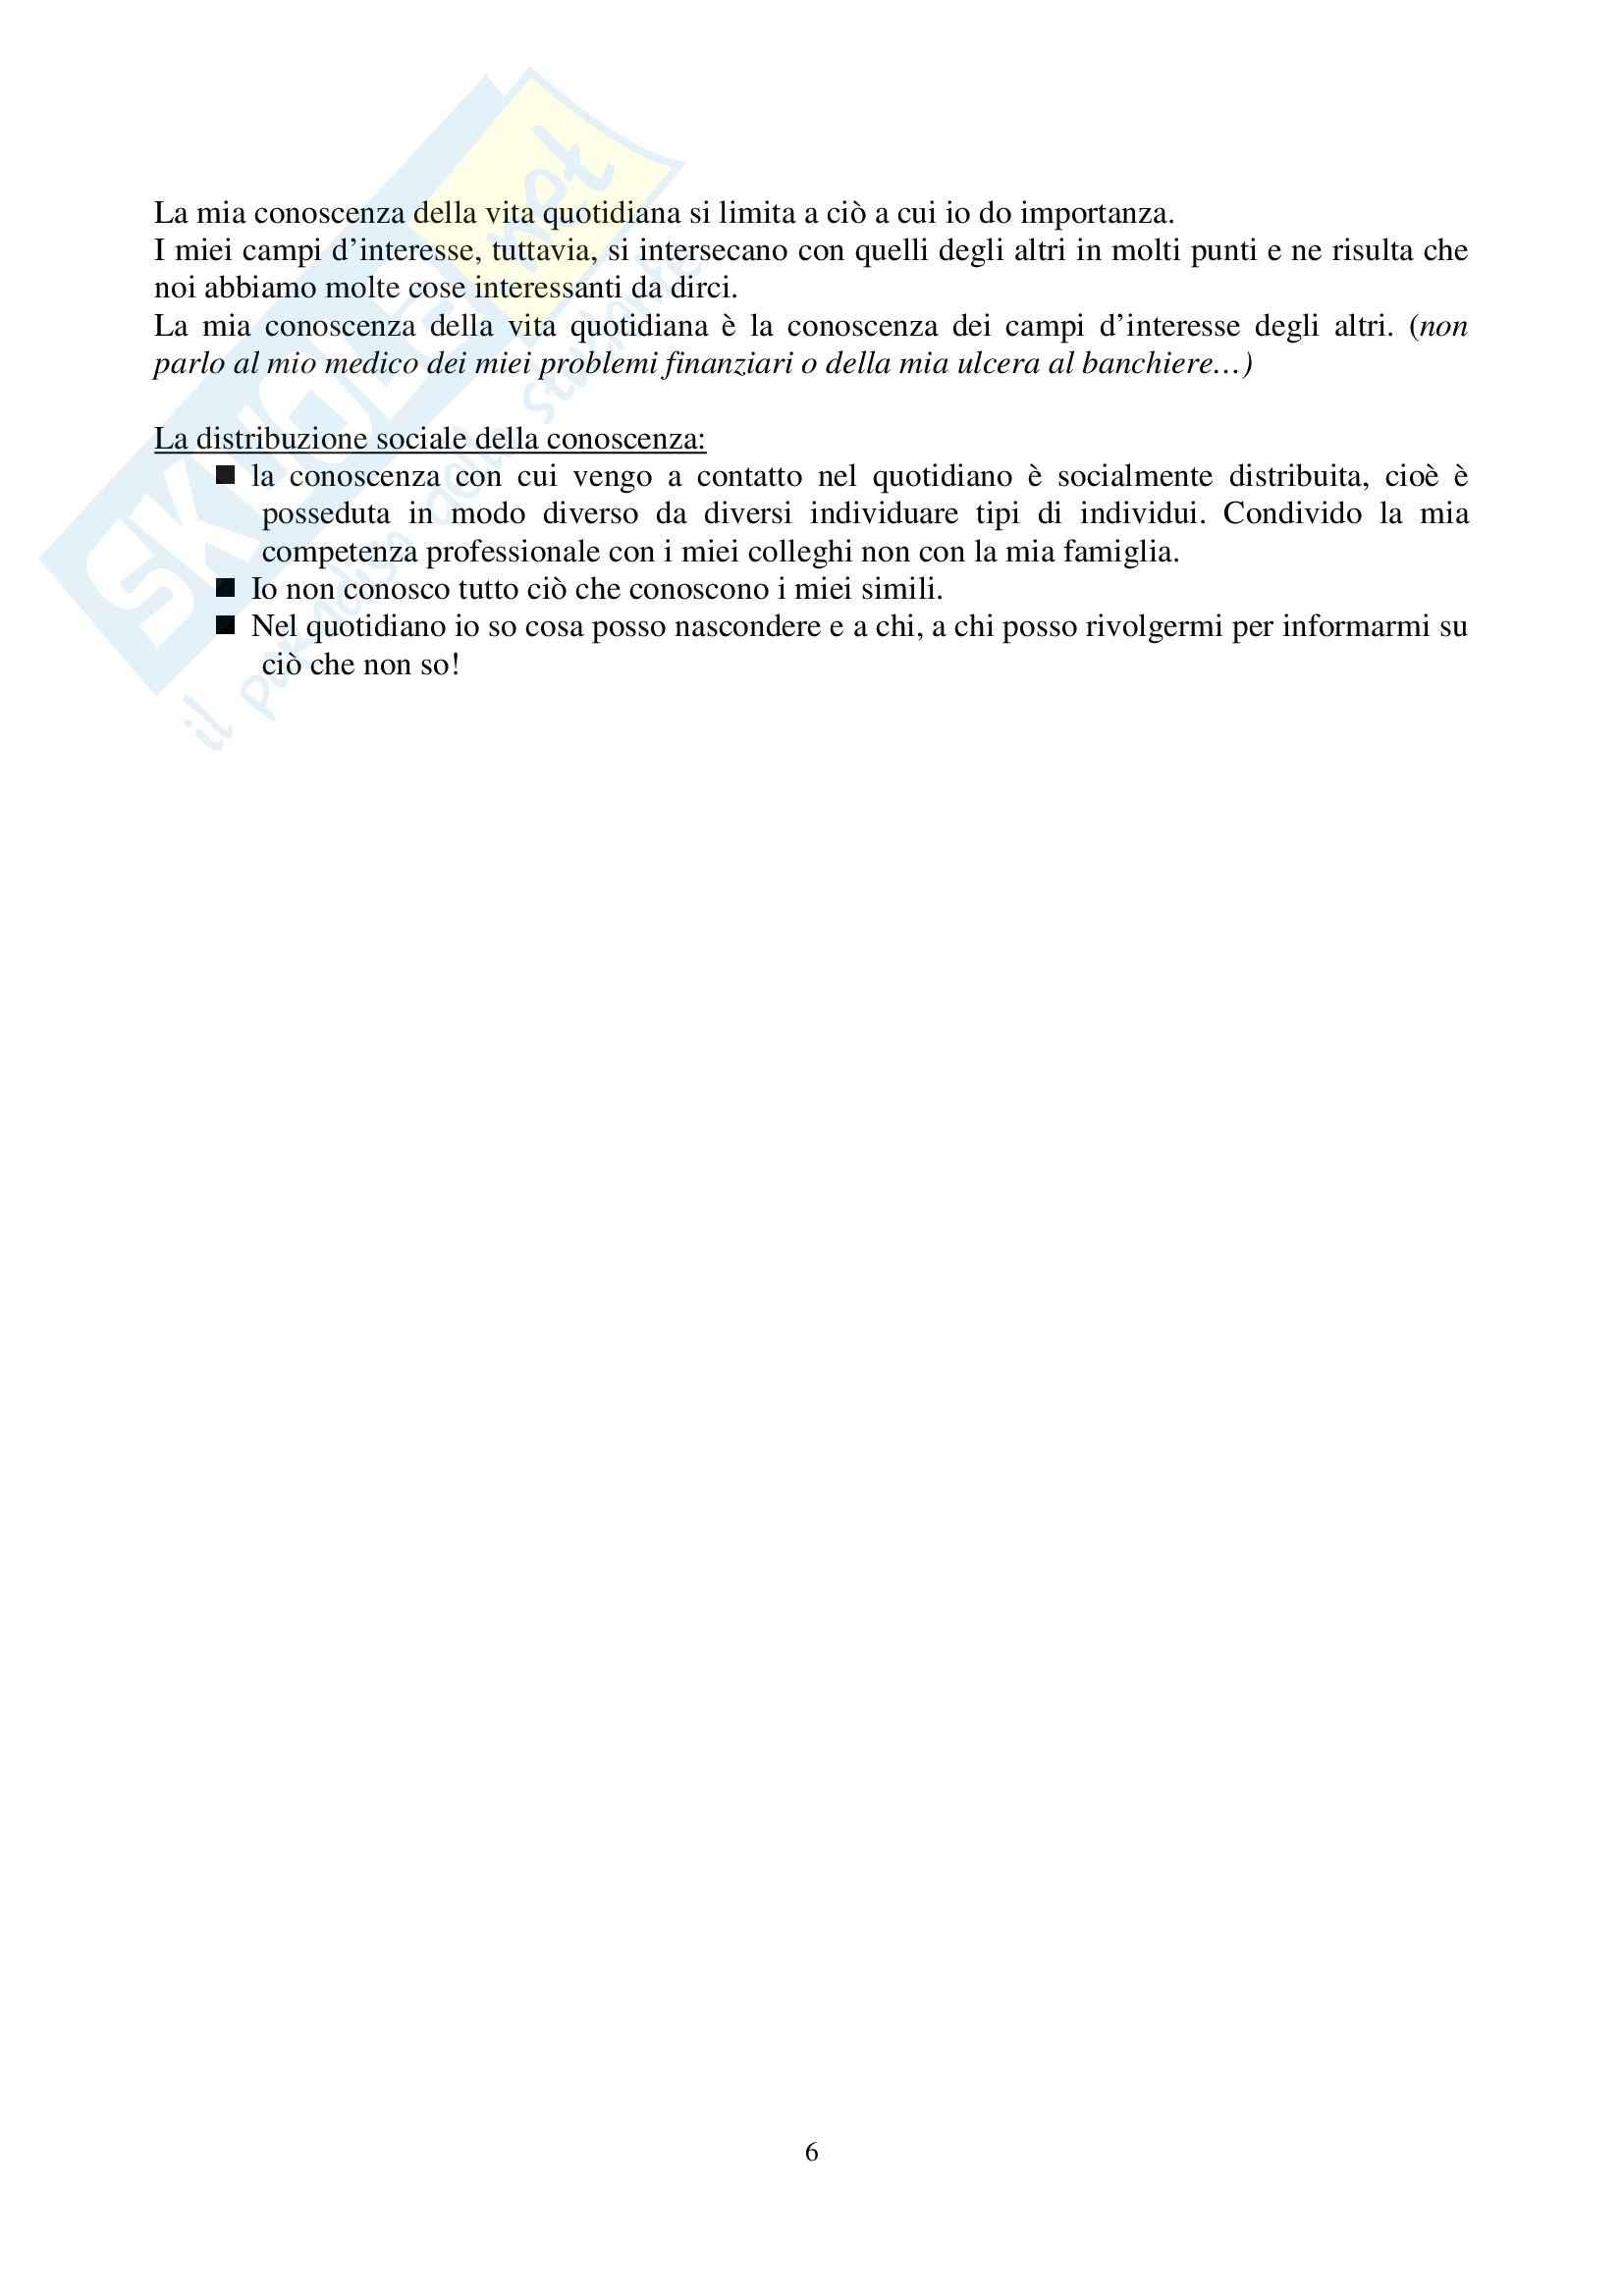 Riassunto esame Sociologia Generale, prof. Perna, libro consigliato La Realtà come Costruzione Sociale, Berger, Luckmann Pag. 6